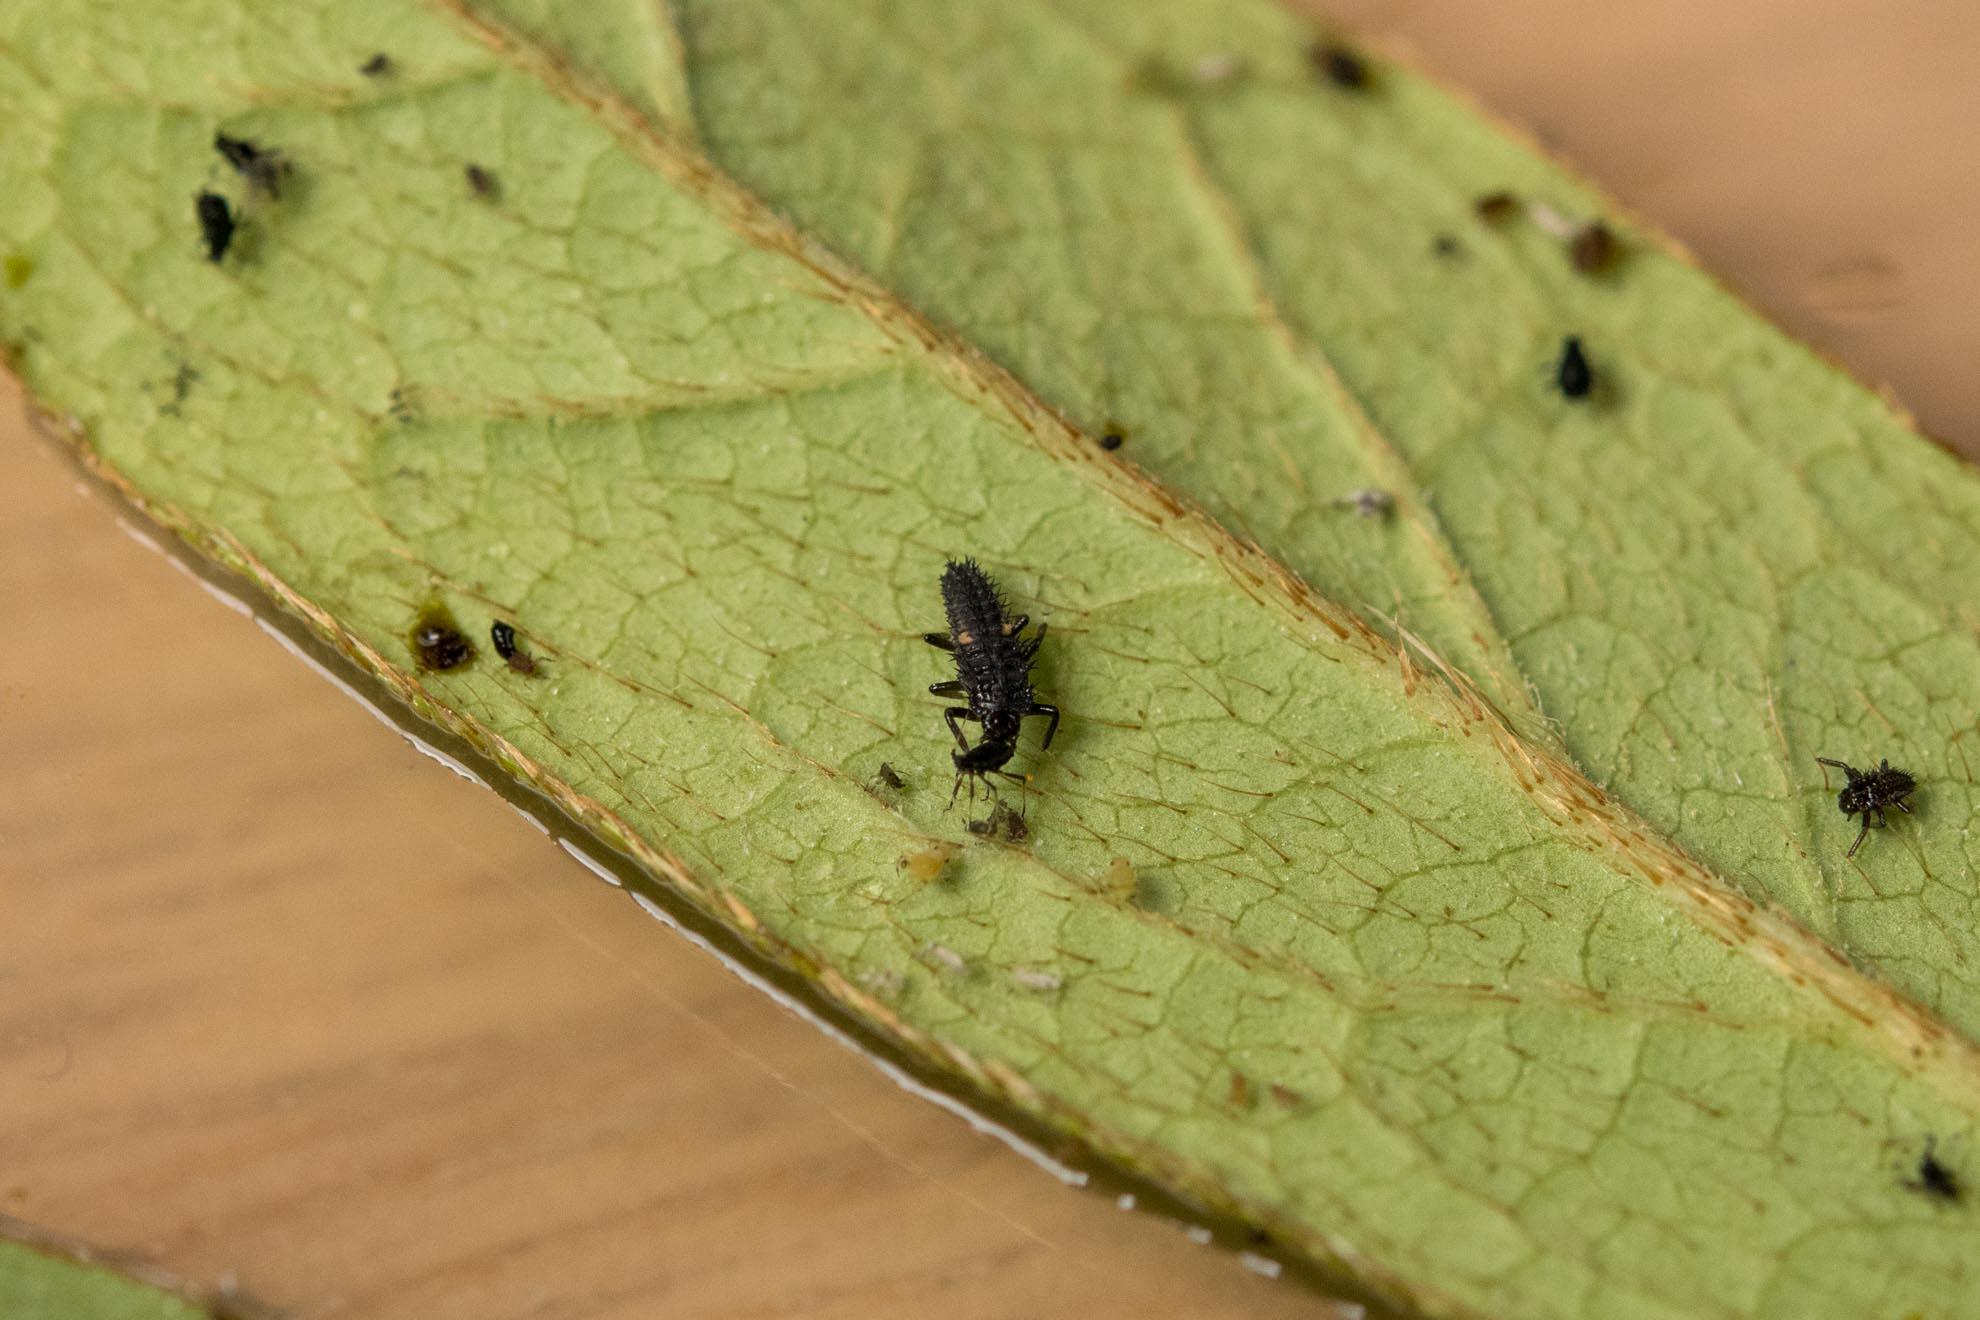 アブラムシを捕食中のナミテントウの幼虫